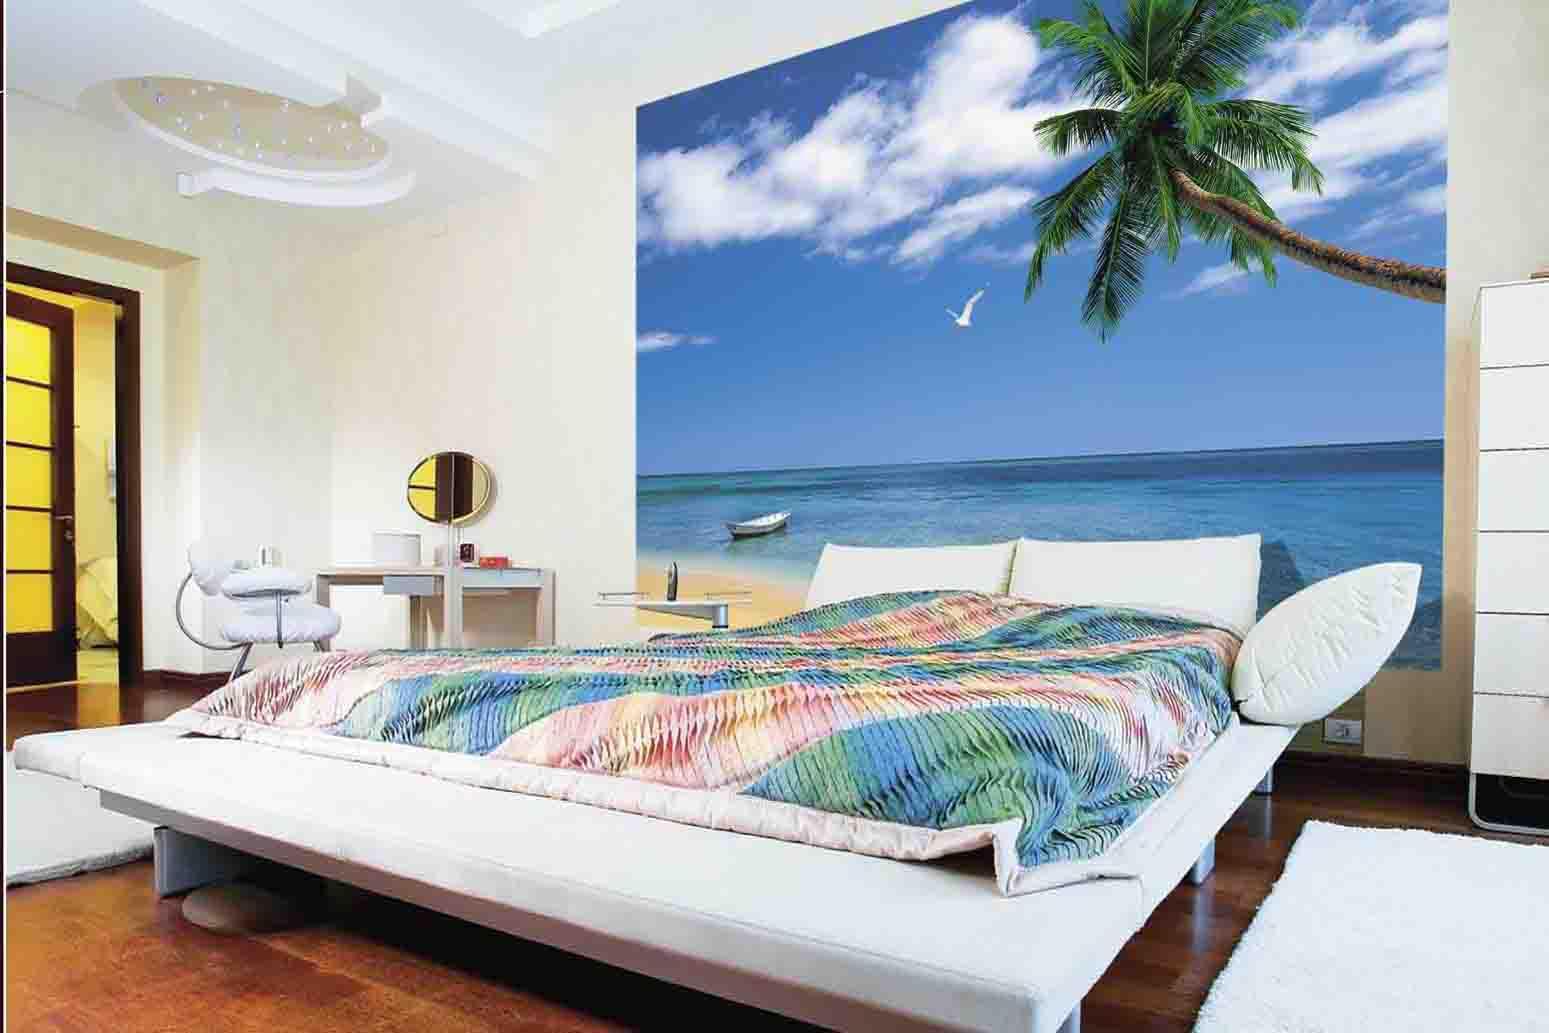 фотообои над кроватью пальма